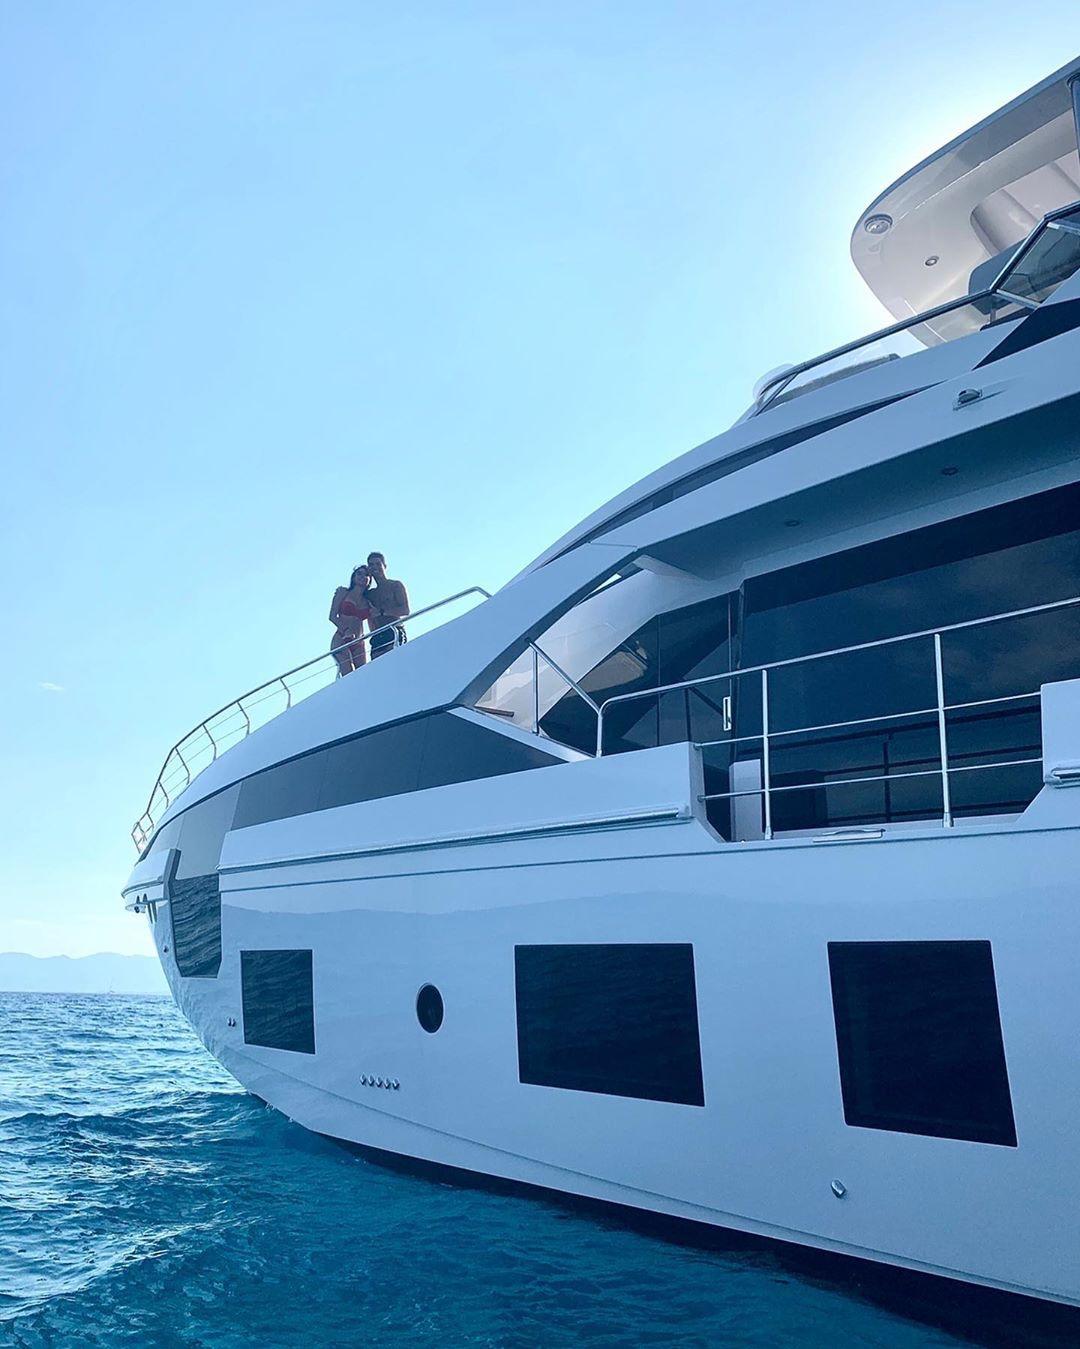 Cristiano Ronaldo Yacht